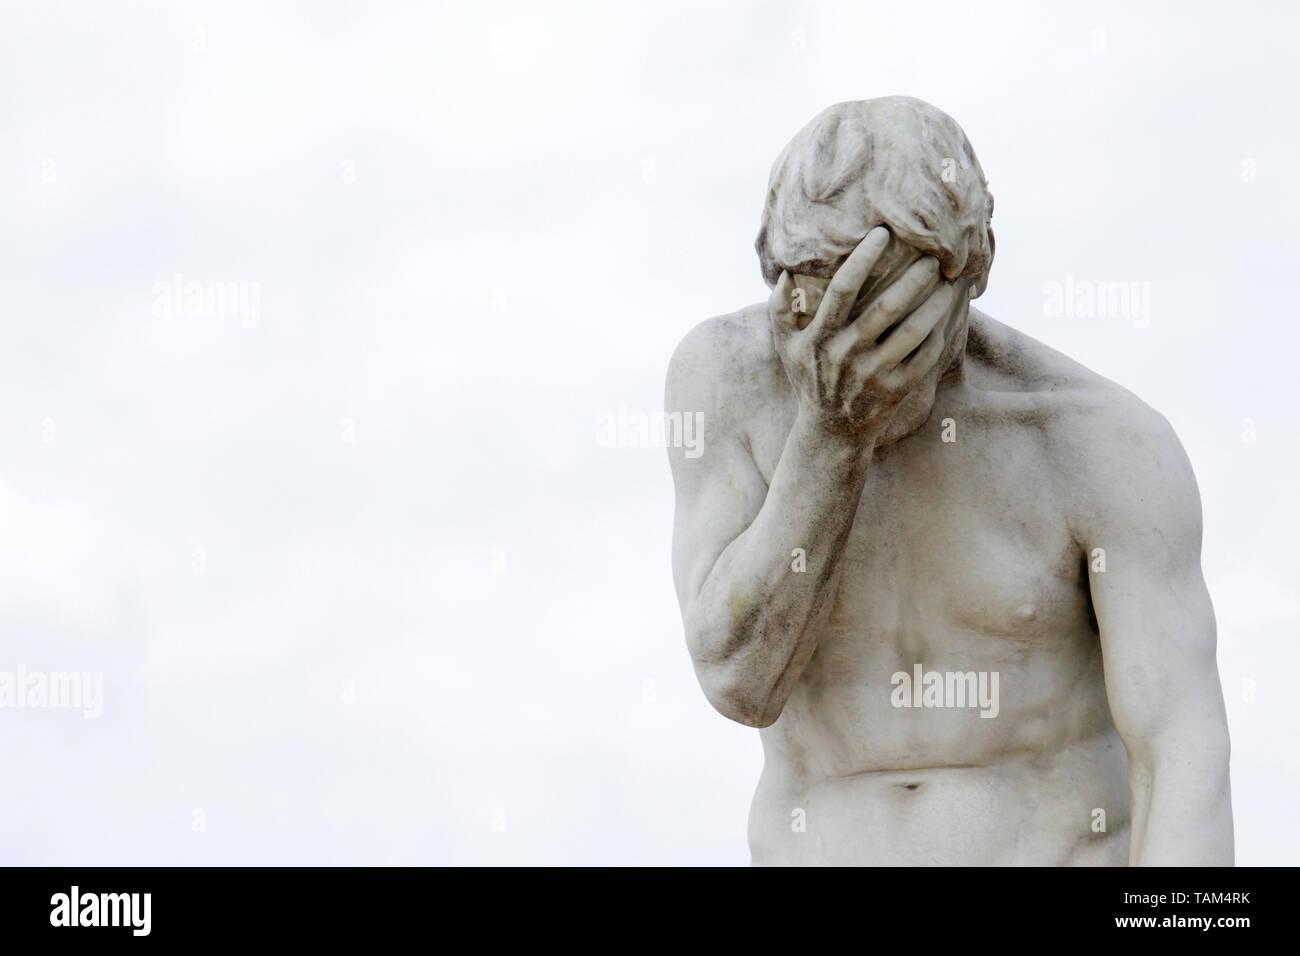 Facepalm - beschämt, traurig, deprimiert. Statue mit dem Kopf in der Hand Stockbild